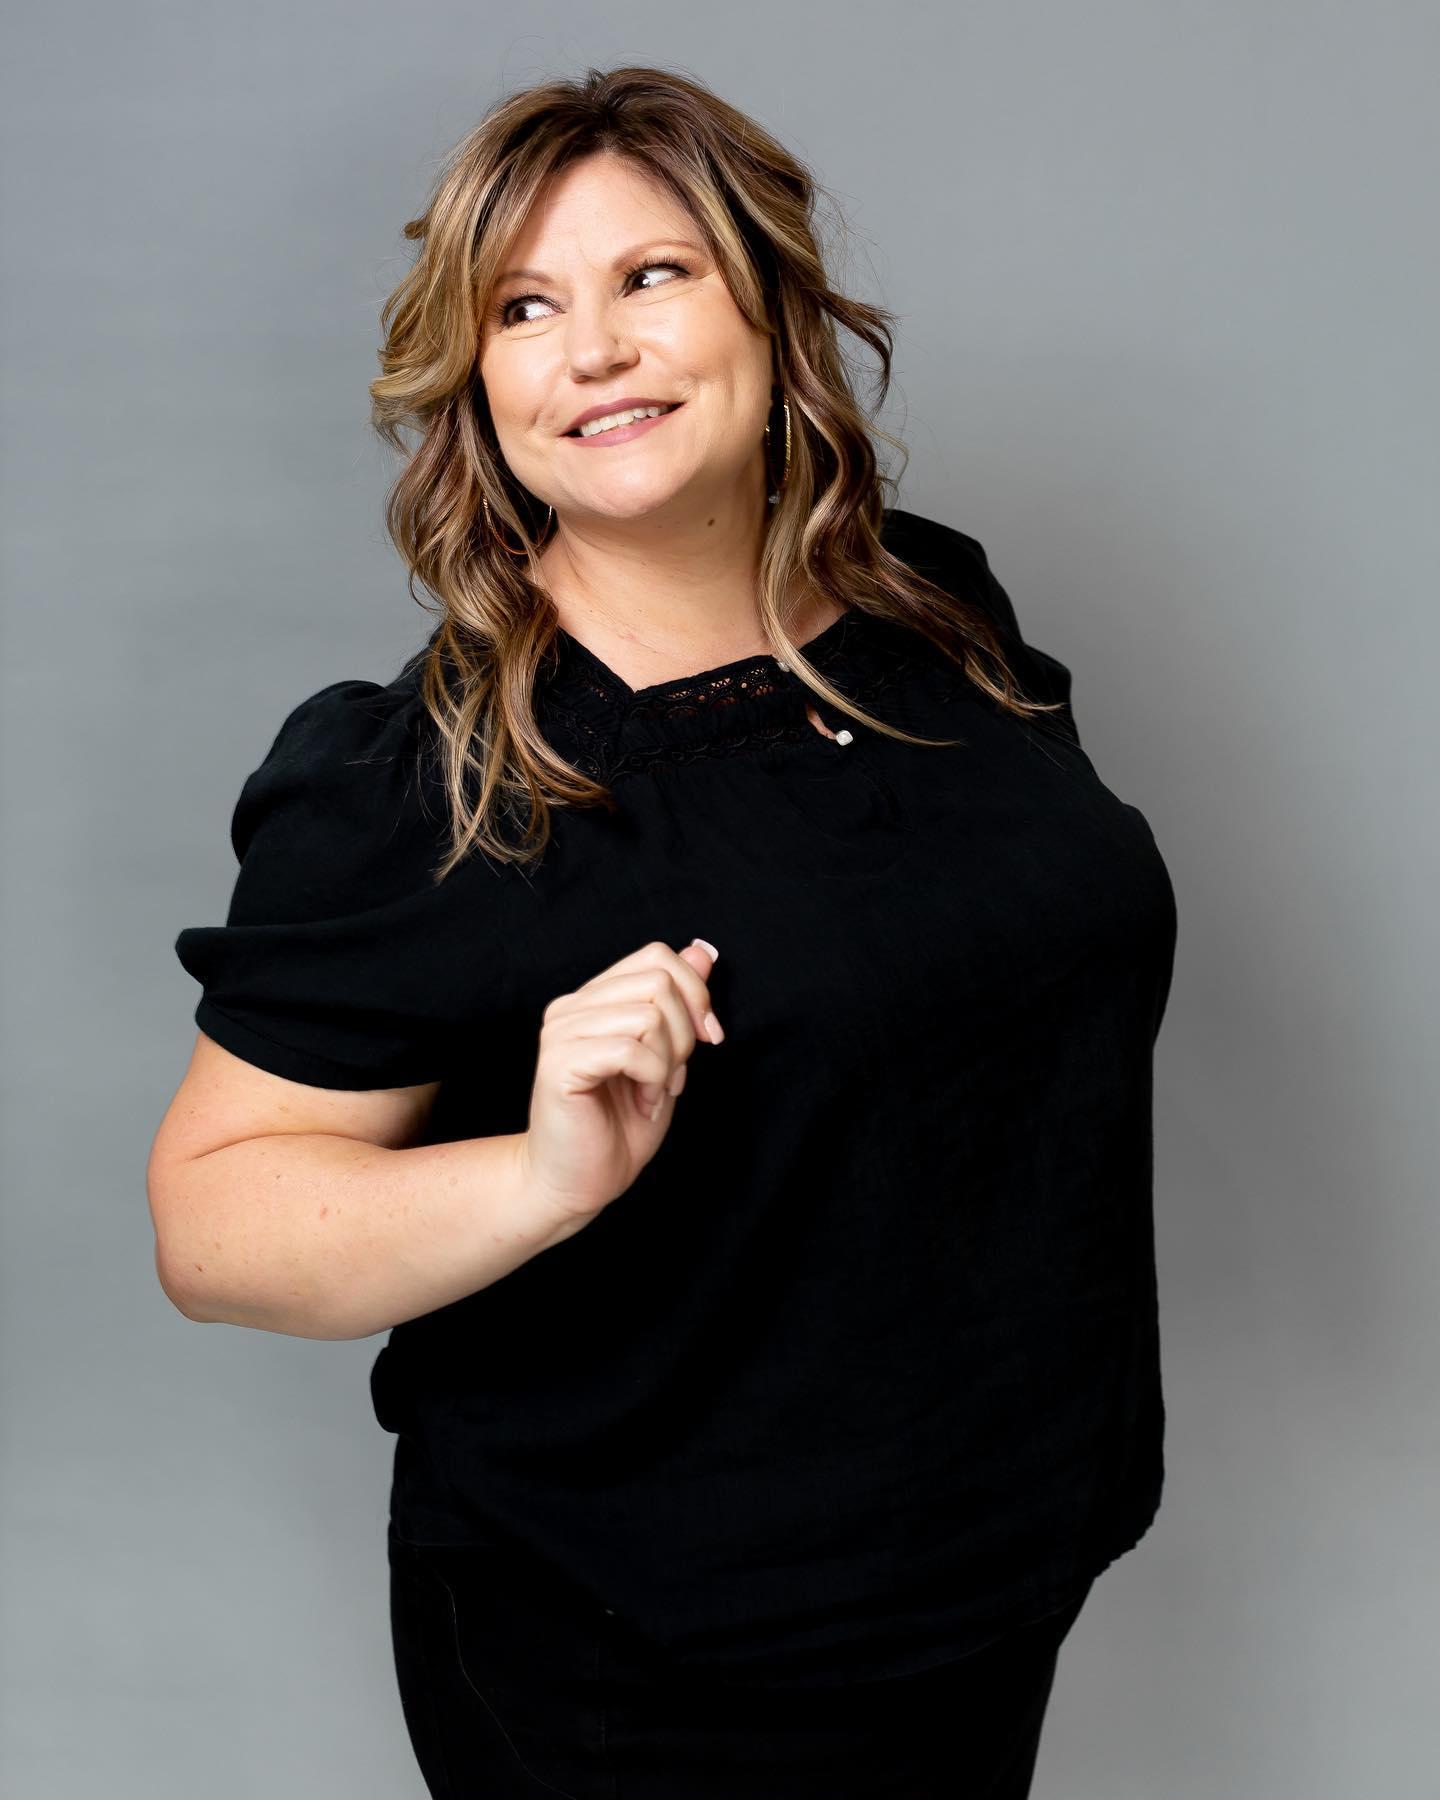 Jennifer Kyle